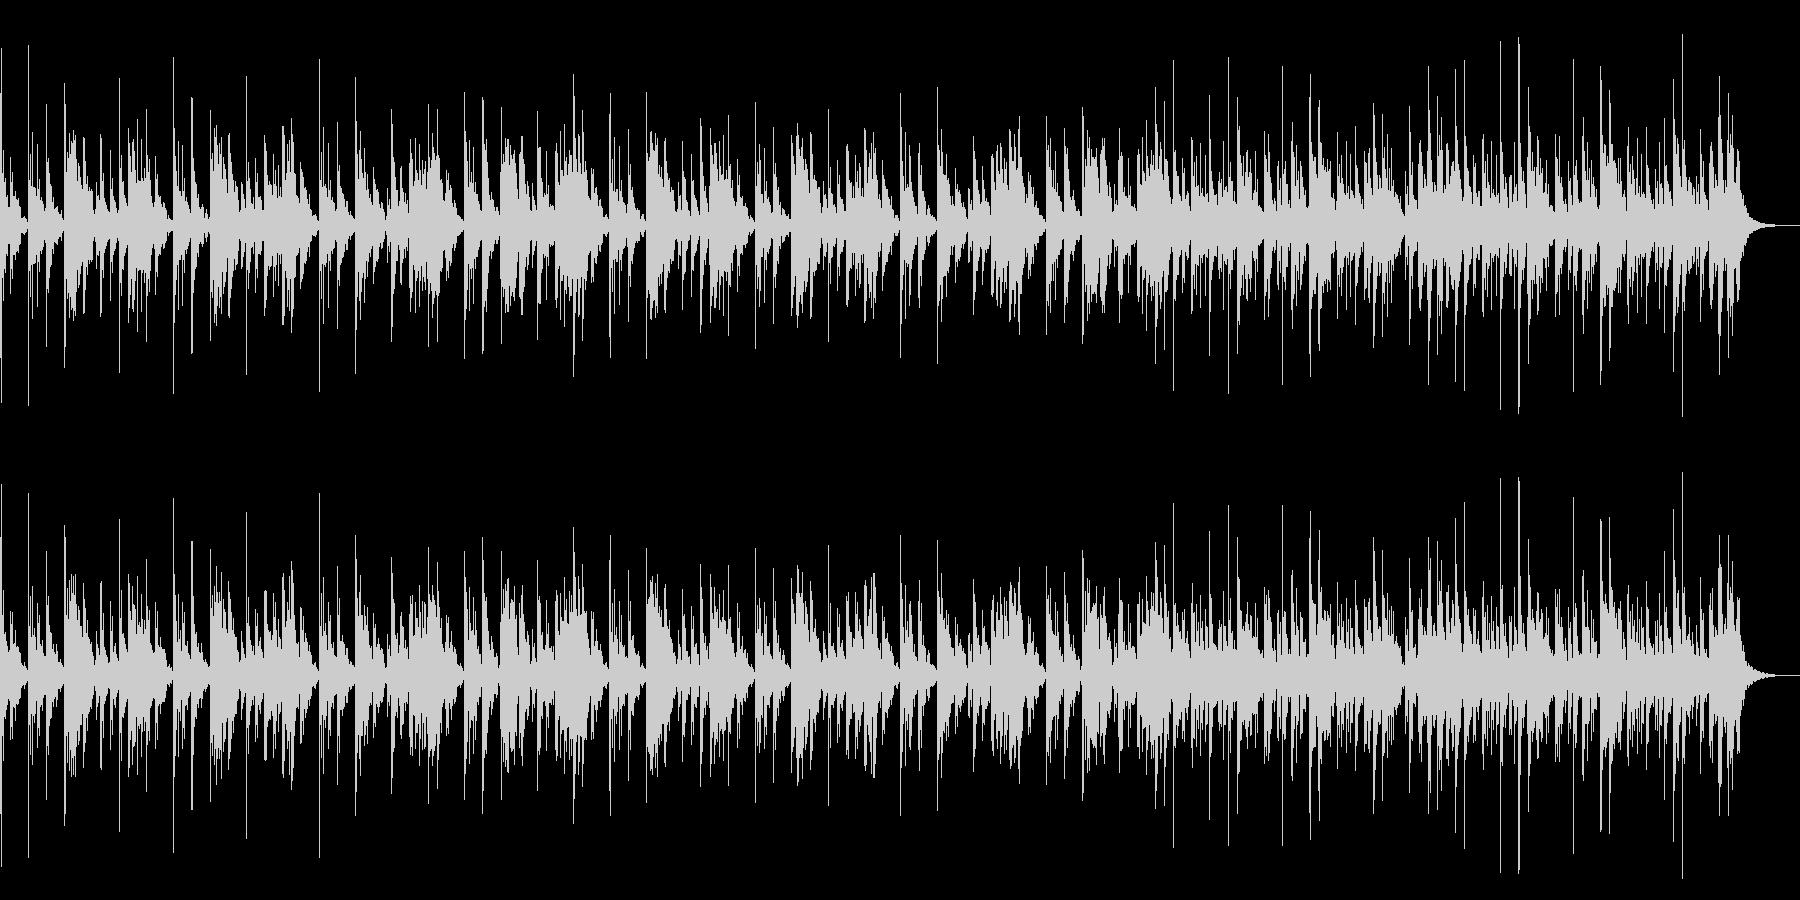 太鼓中心の打楽器BGM ドンドコ 50秒の未再生の波形